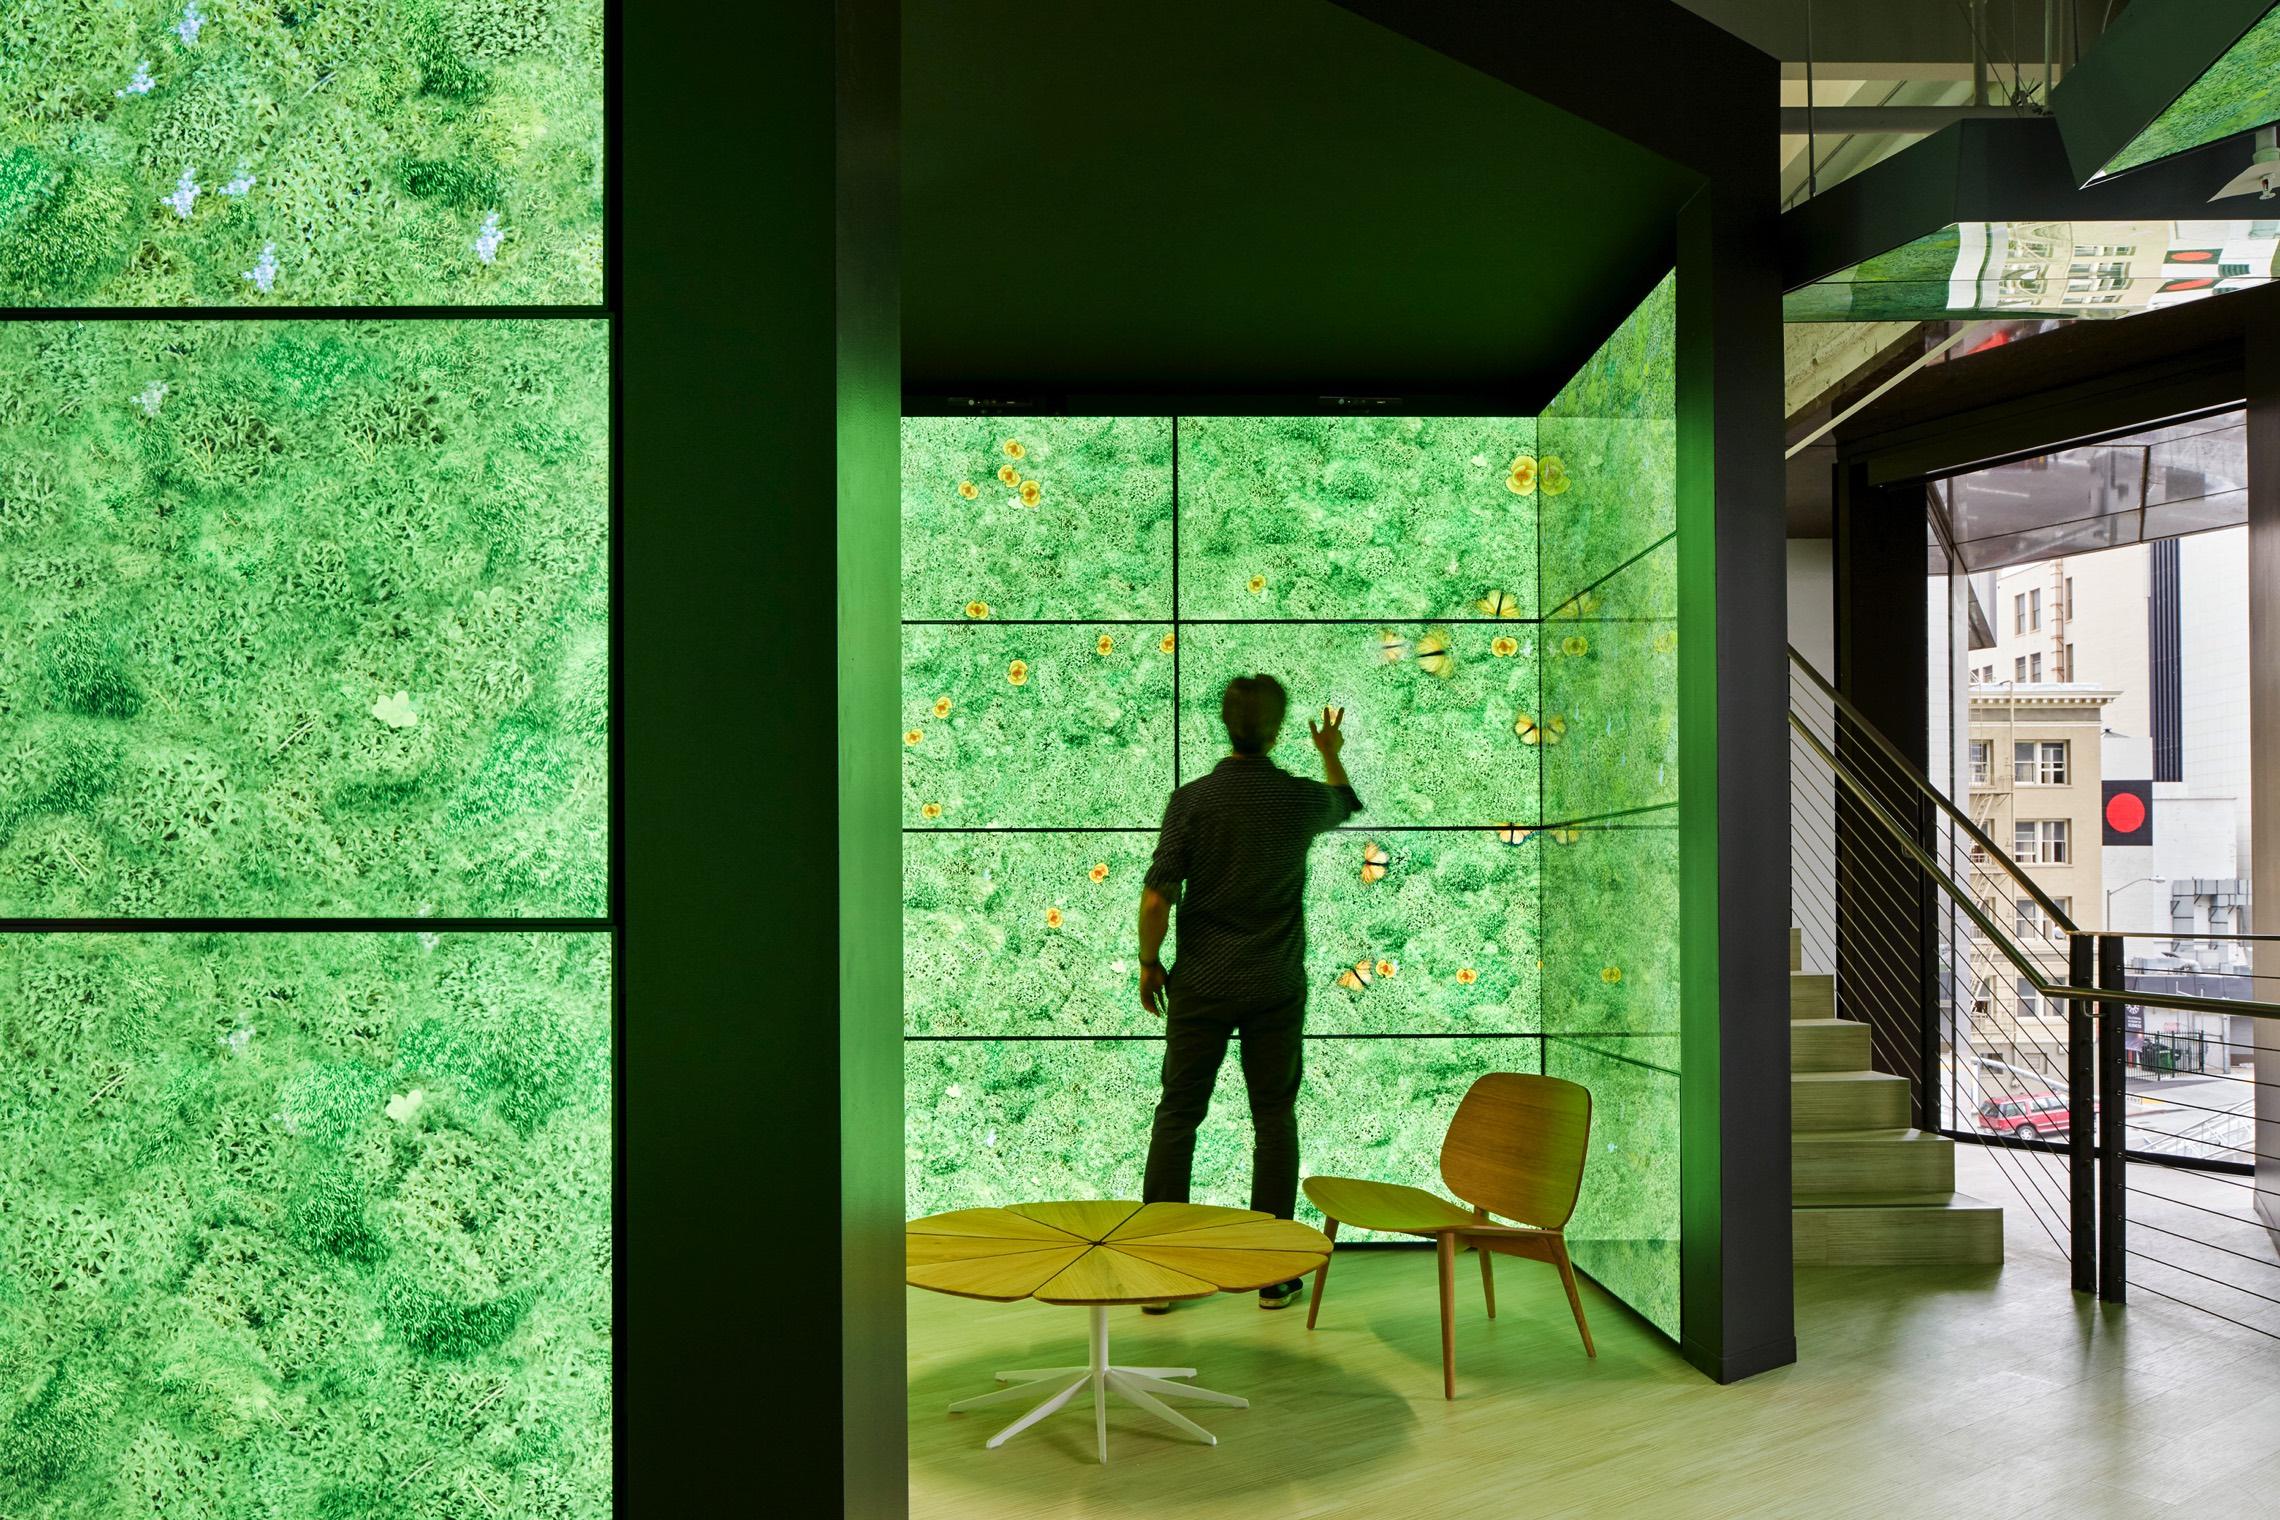 Thiết kế phòng tiếp khách trong văn phòng với màu xanh rêu khói